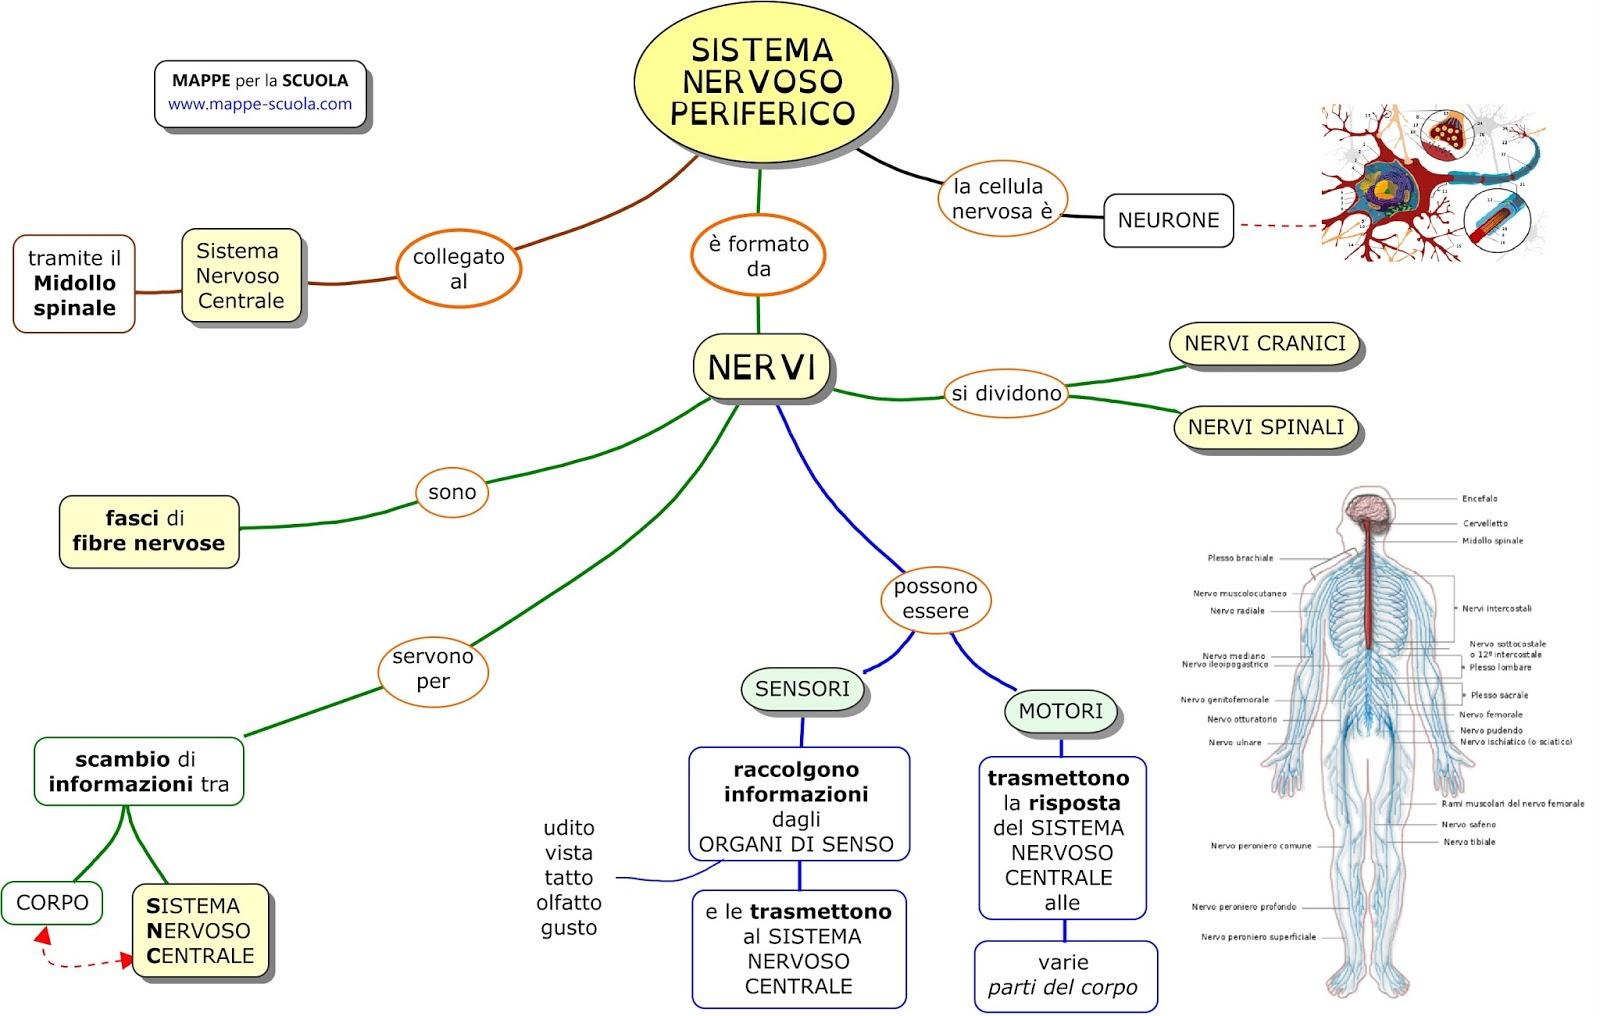 Preferenza MAPPE per la SCUOLA: SISTEMA NERVOSO PERIFERICO QI76